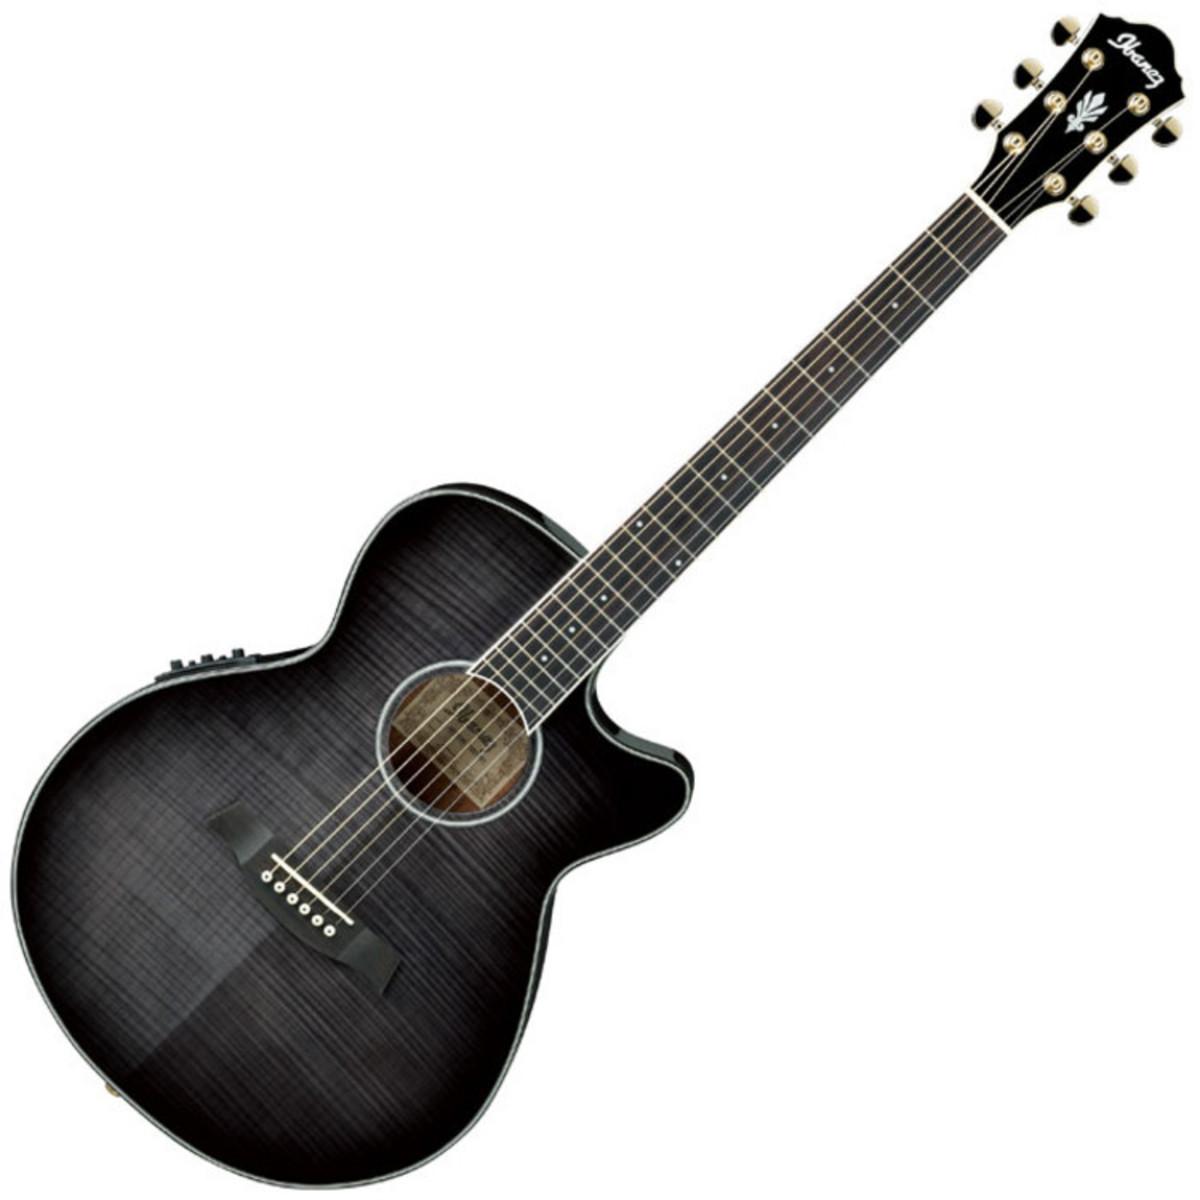 Image of Ibanez AEG24II Electro Acoustic Guitar Transparent Grey Burst